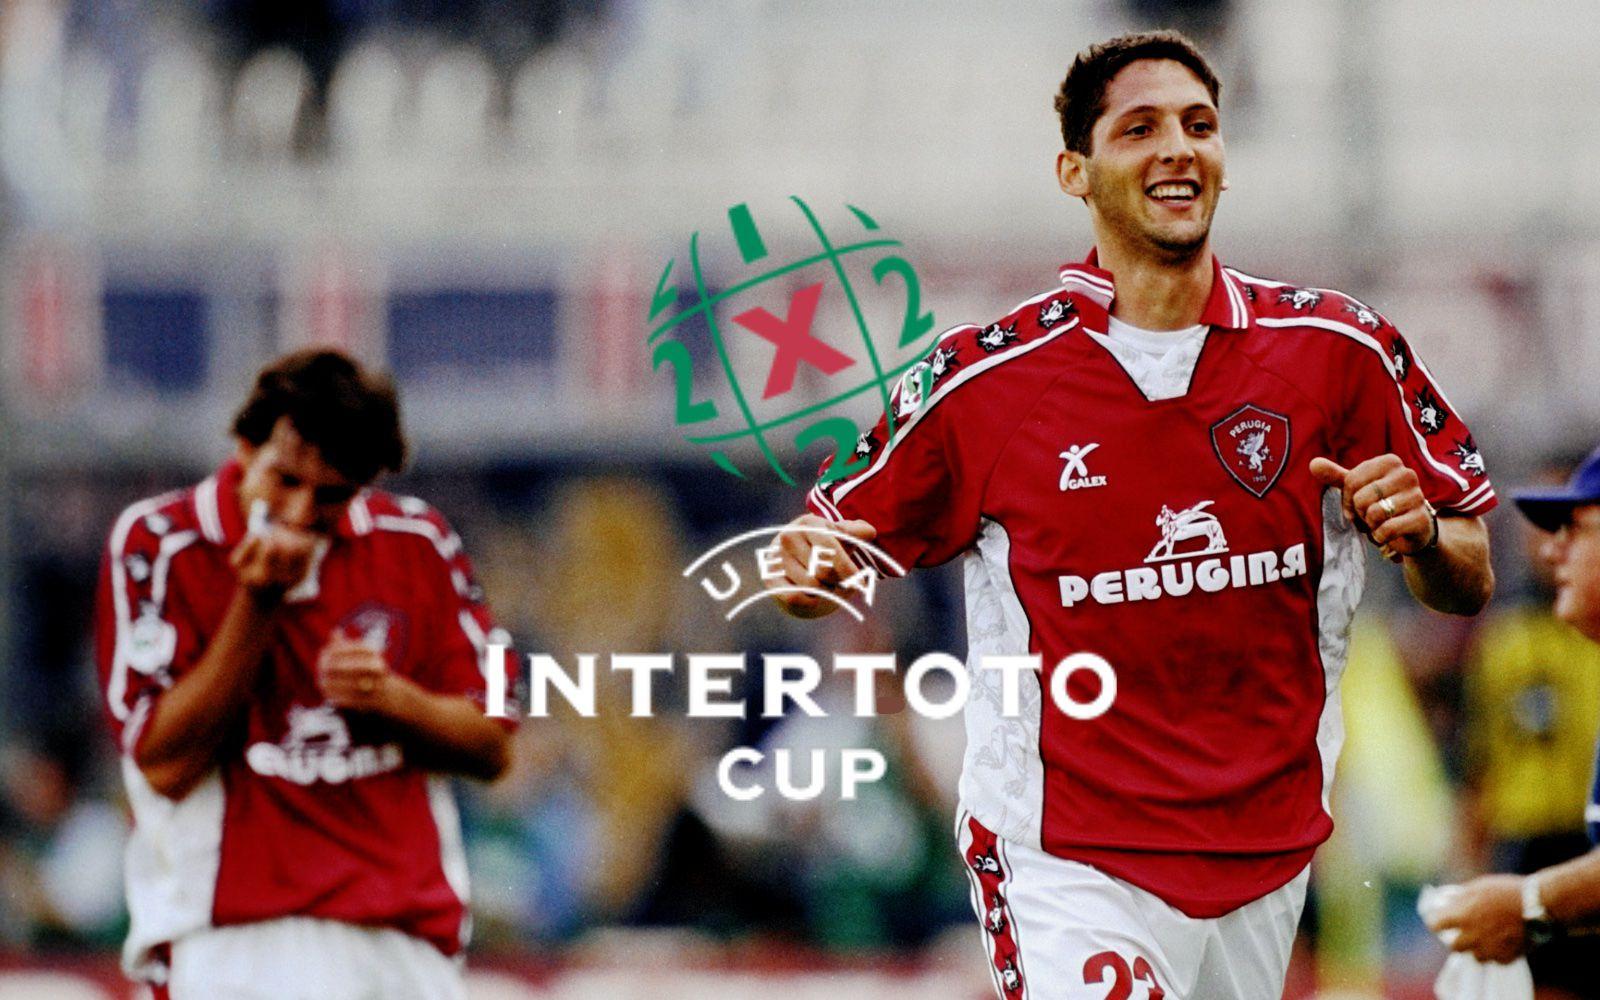 Tudo o que você precisa saber sobre a Taça Intertoto da UEFA